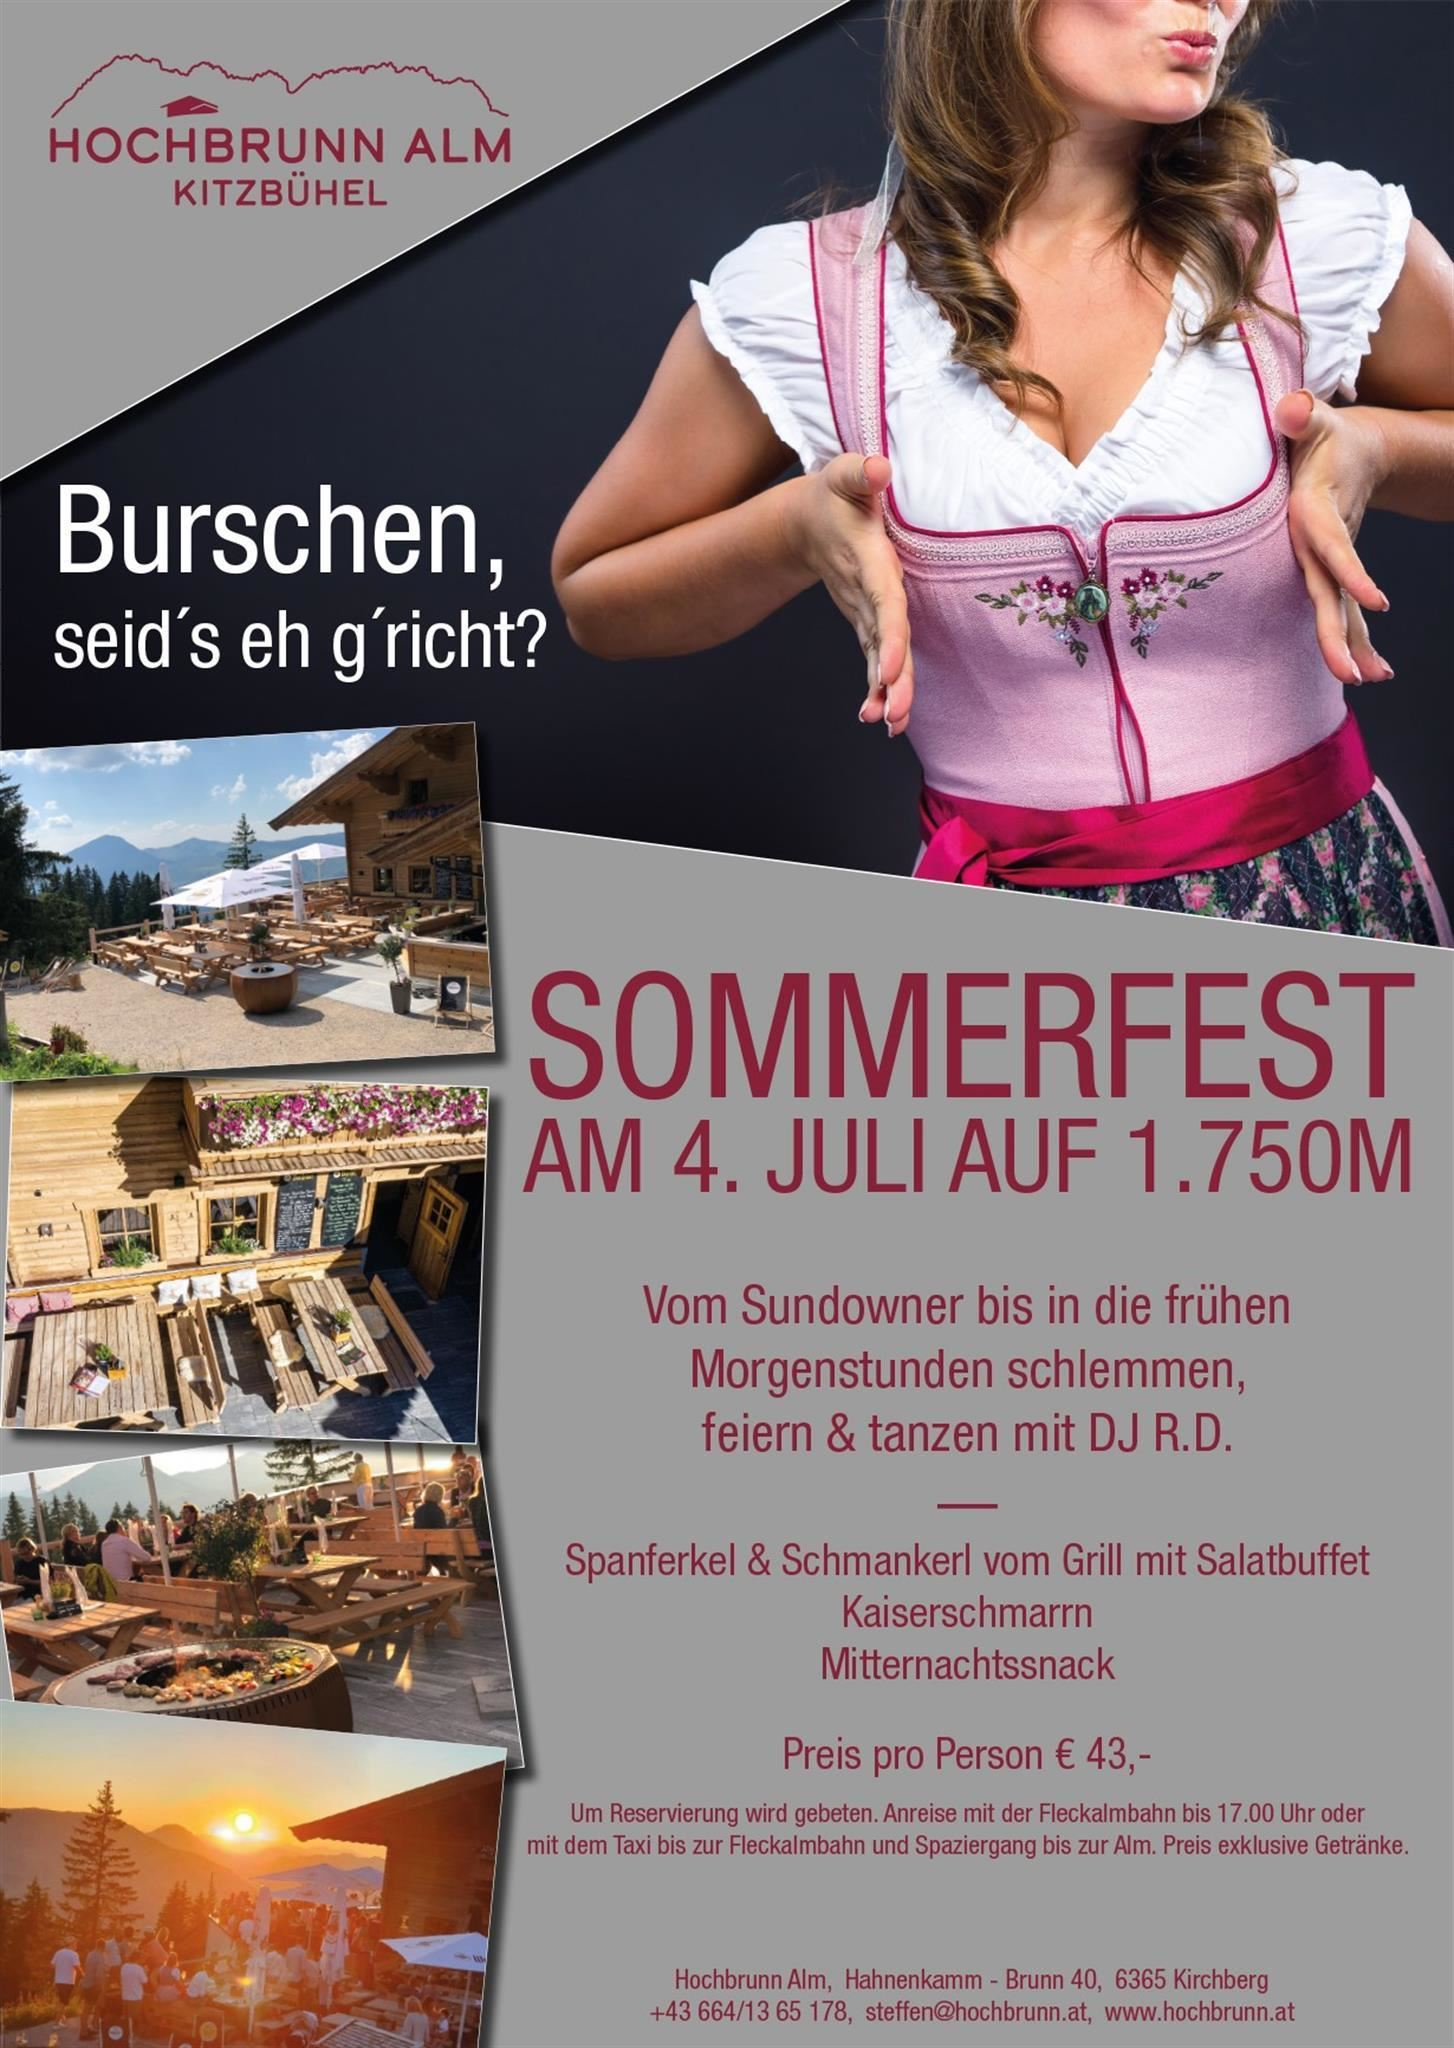 Kirchberg in Tirol - 10 September 2020 | autogenitrening.com